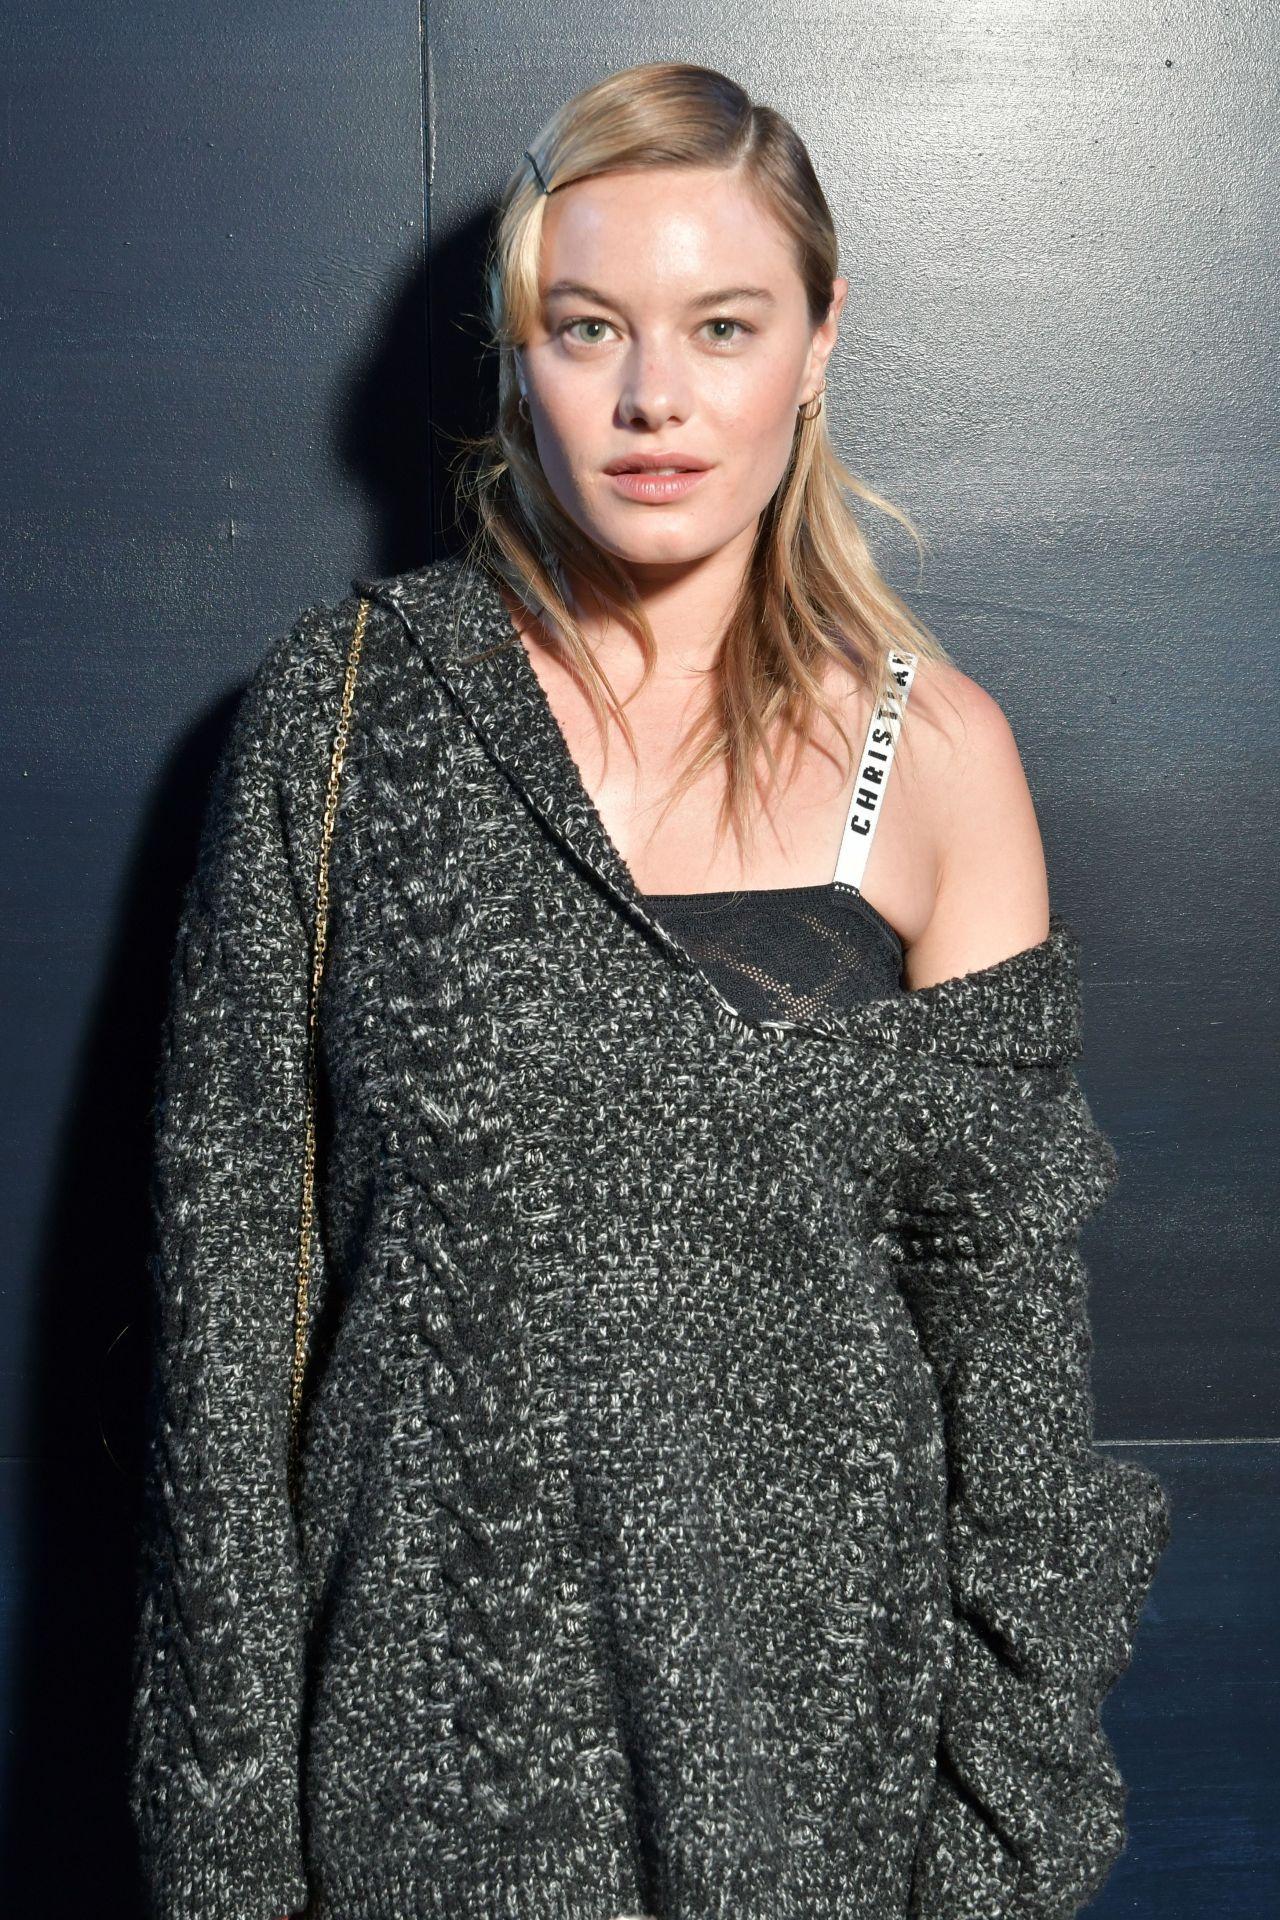 Camille Rowe At Paris Fashion Week Christian Dior Show 3